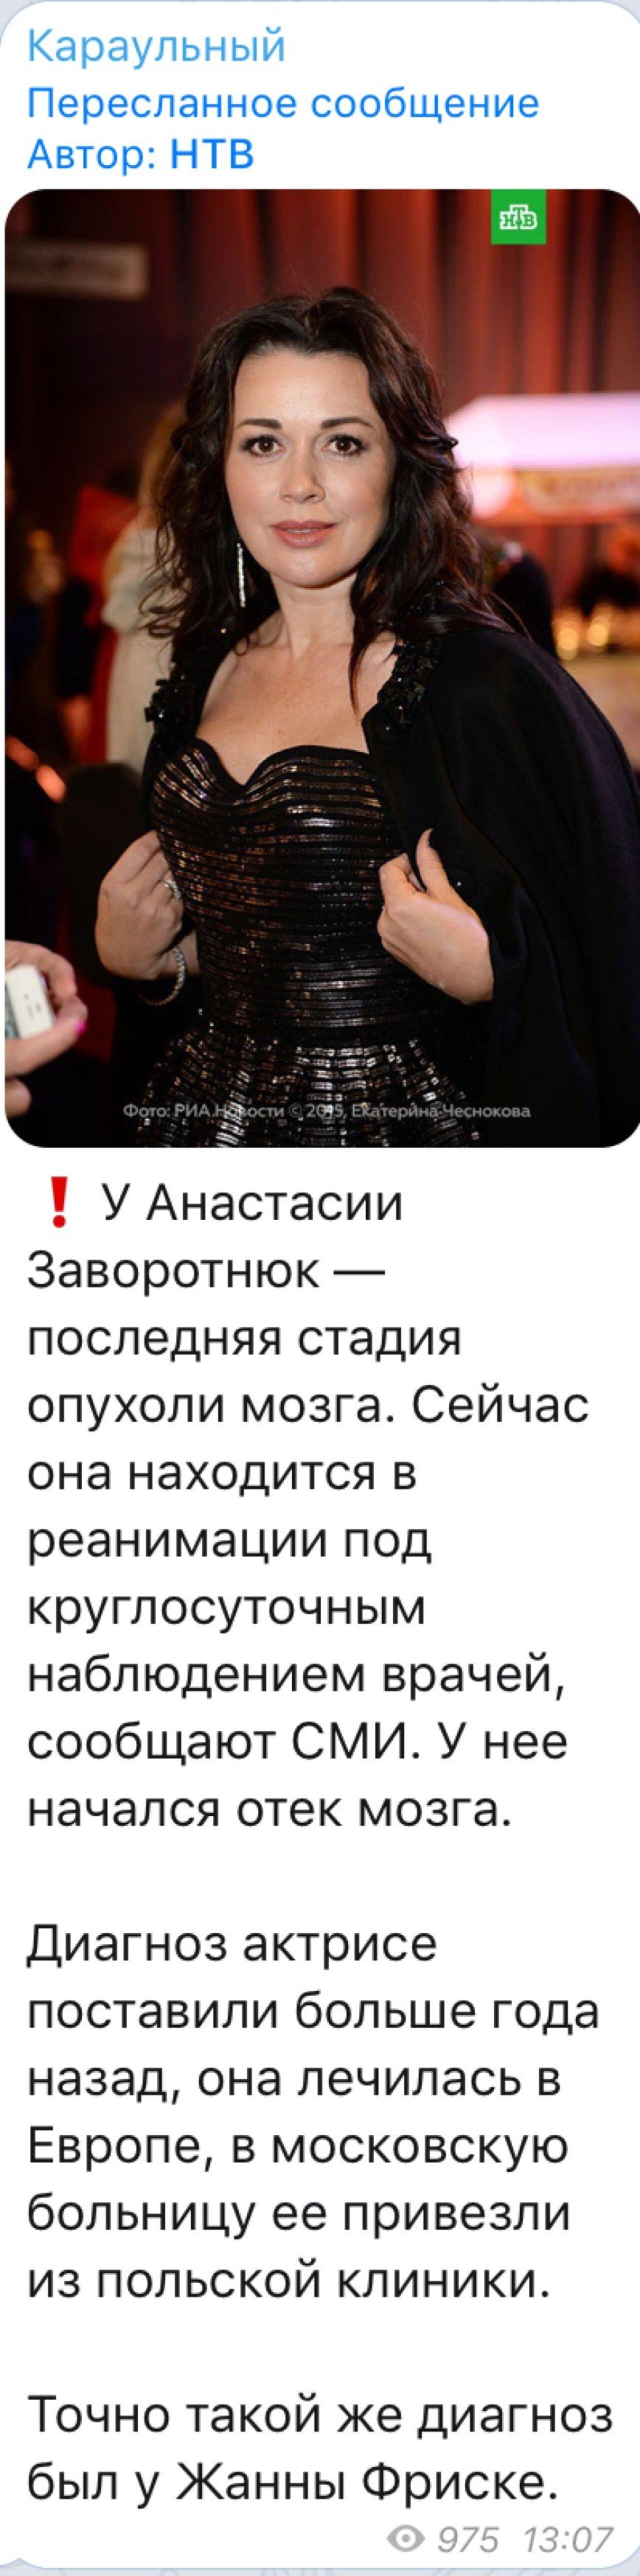 замечательная порно видео записи приватов россии редкая удача! Какое счастье!